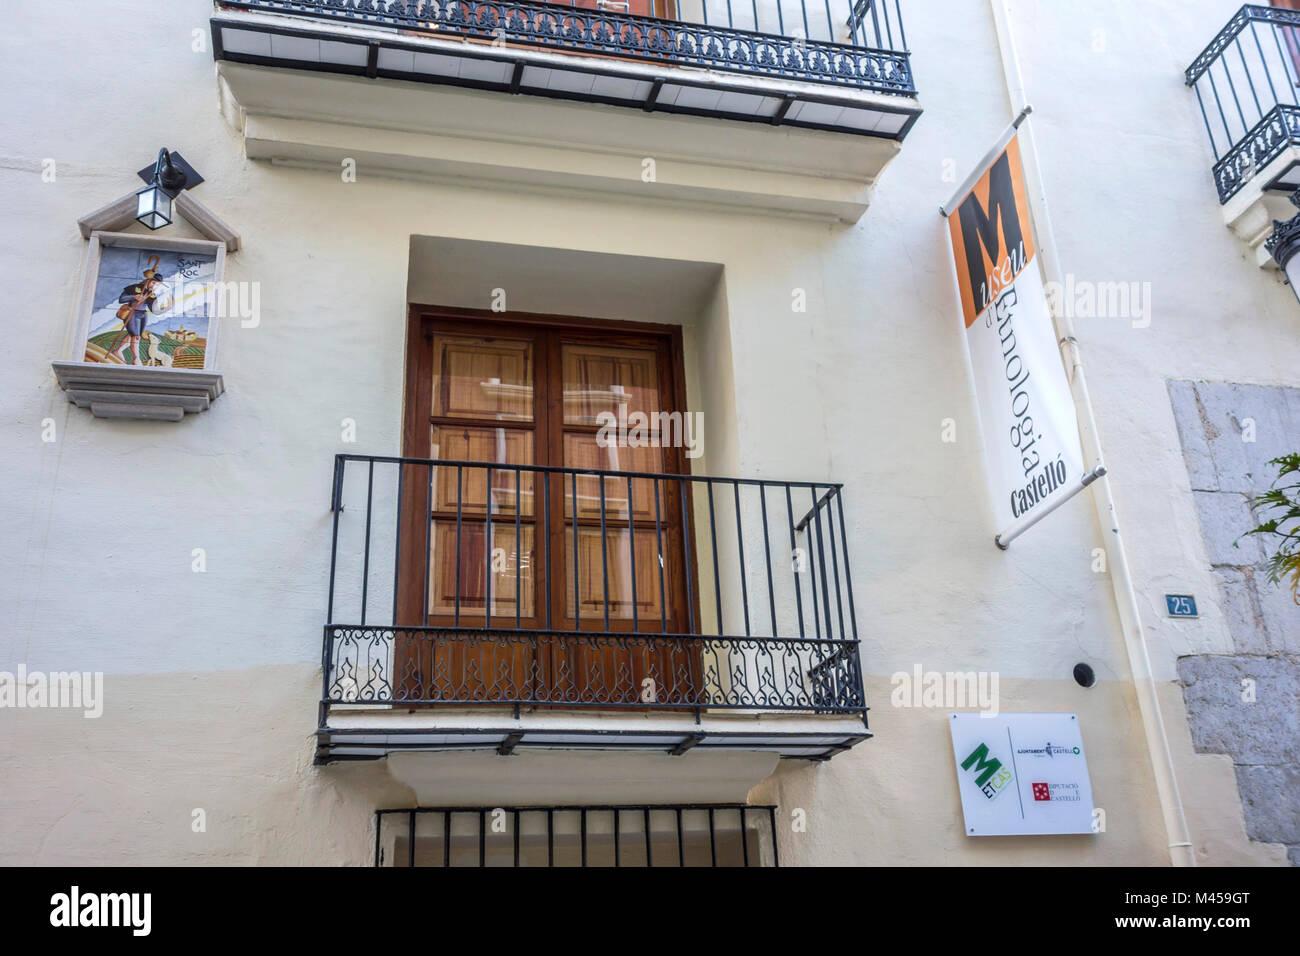 Museo di etnologia,Castellon,Spagna. Immagini Stock